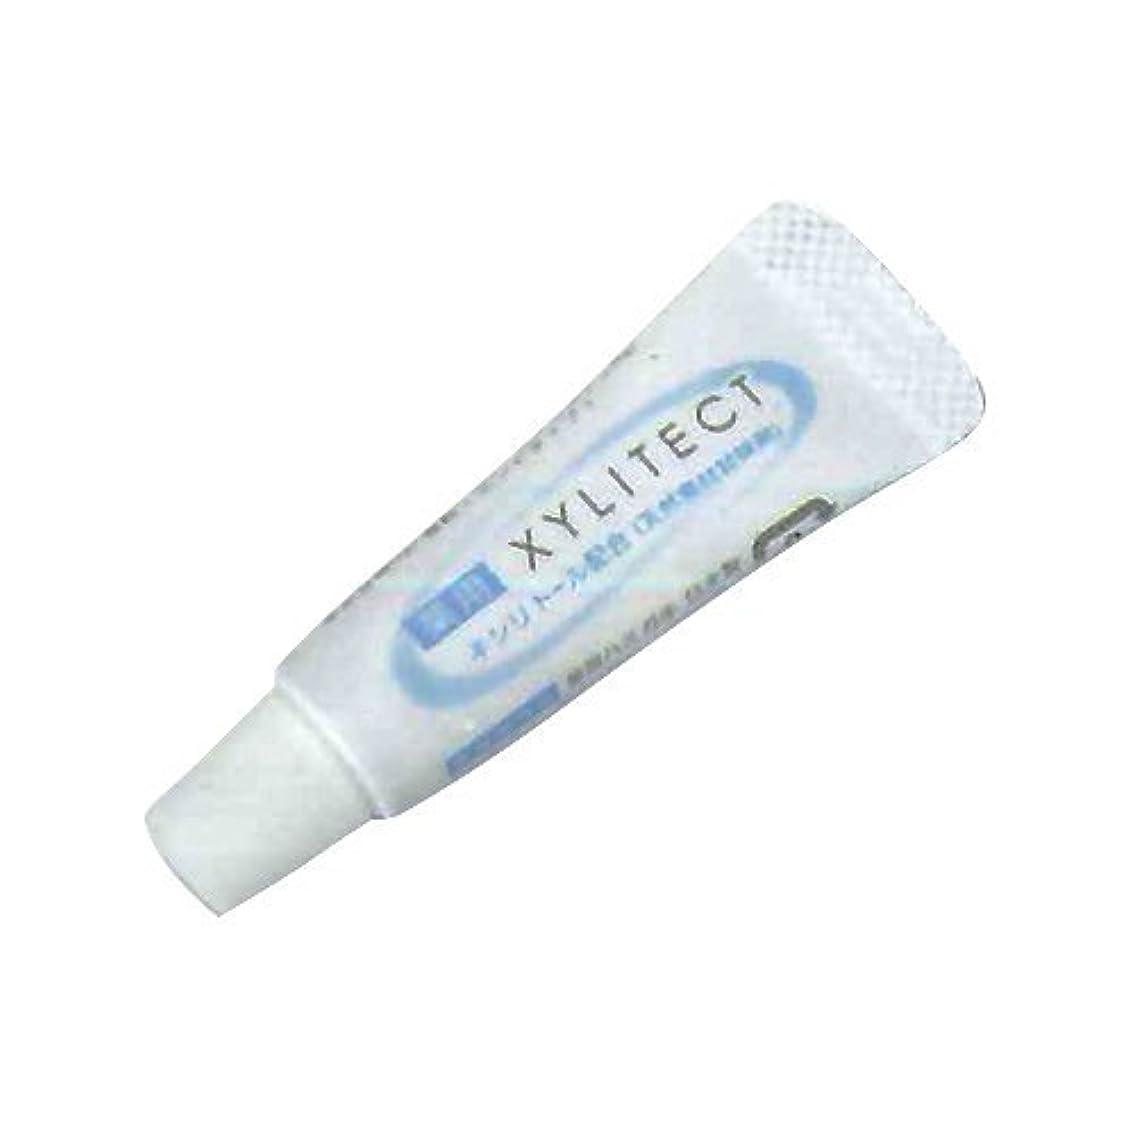 コロニーとティーム弾性業務用歯磨き粉 薬用キシリテクト (XYLITECT) 4.5g ×300個セット (個包装タイプ) | ホテルアメニティ ハミガキ toothpaste